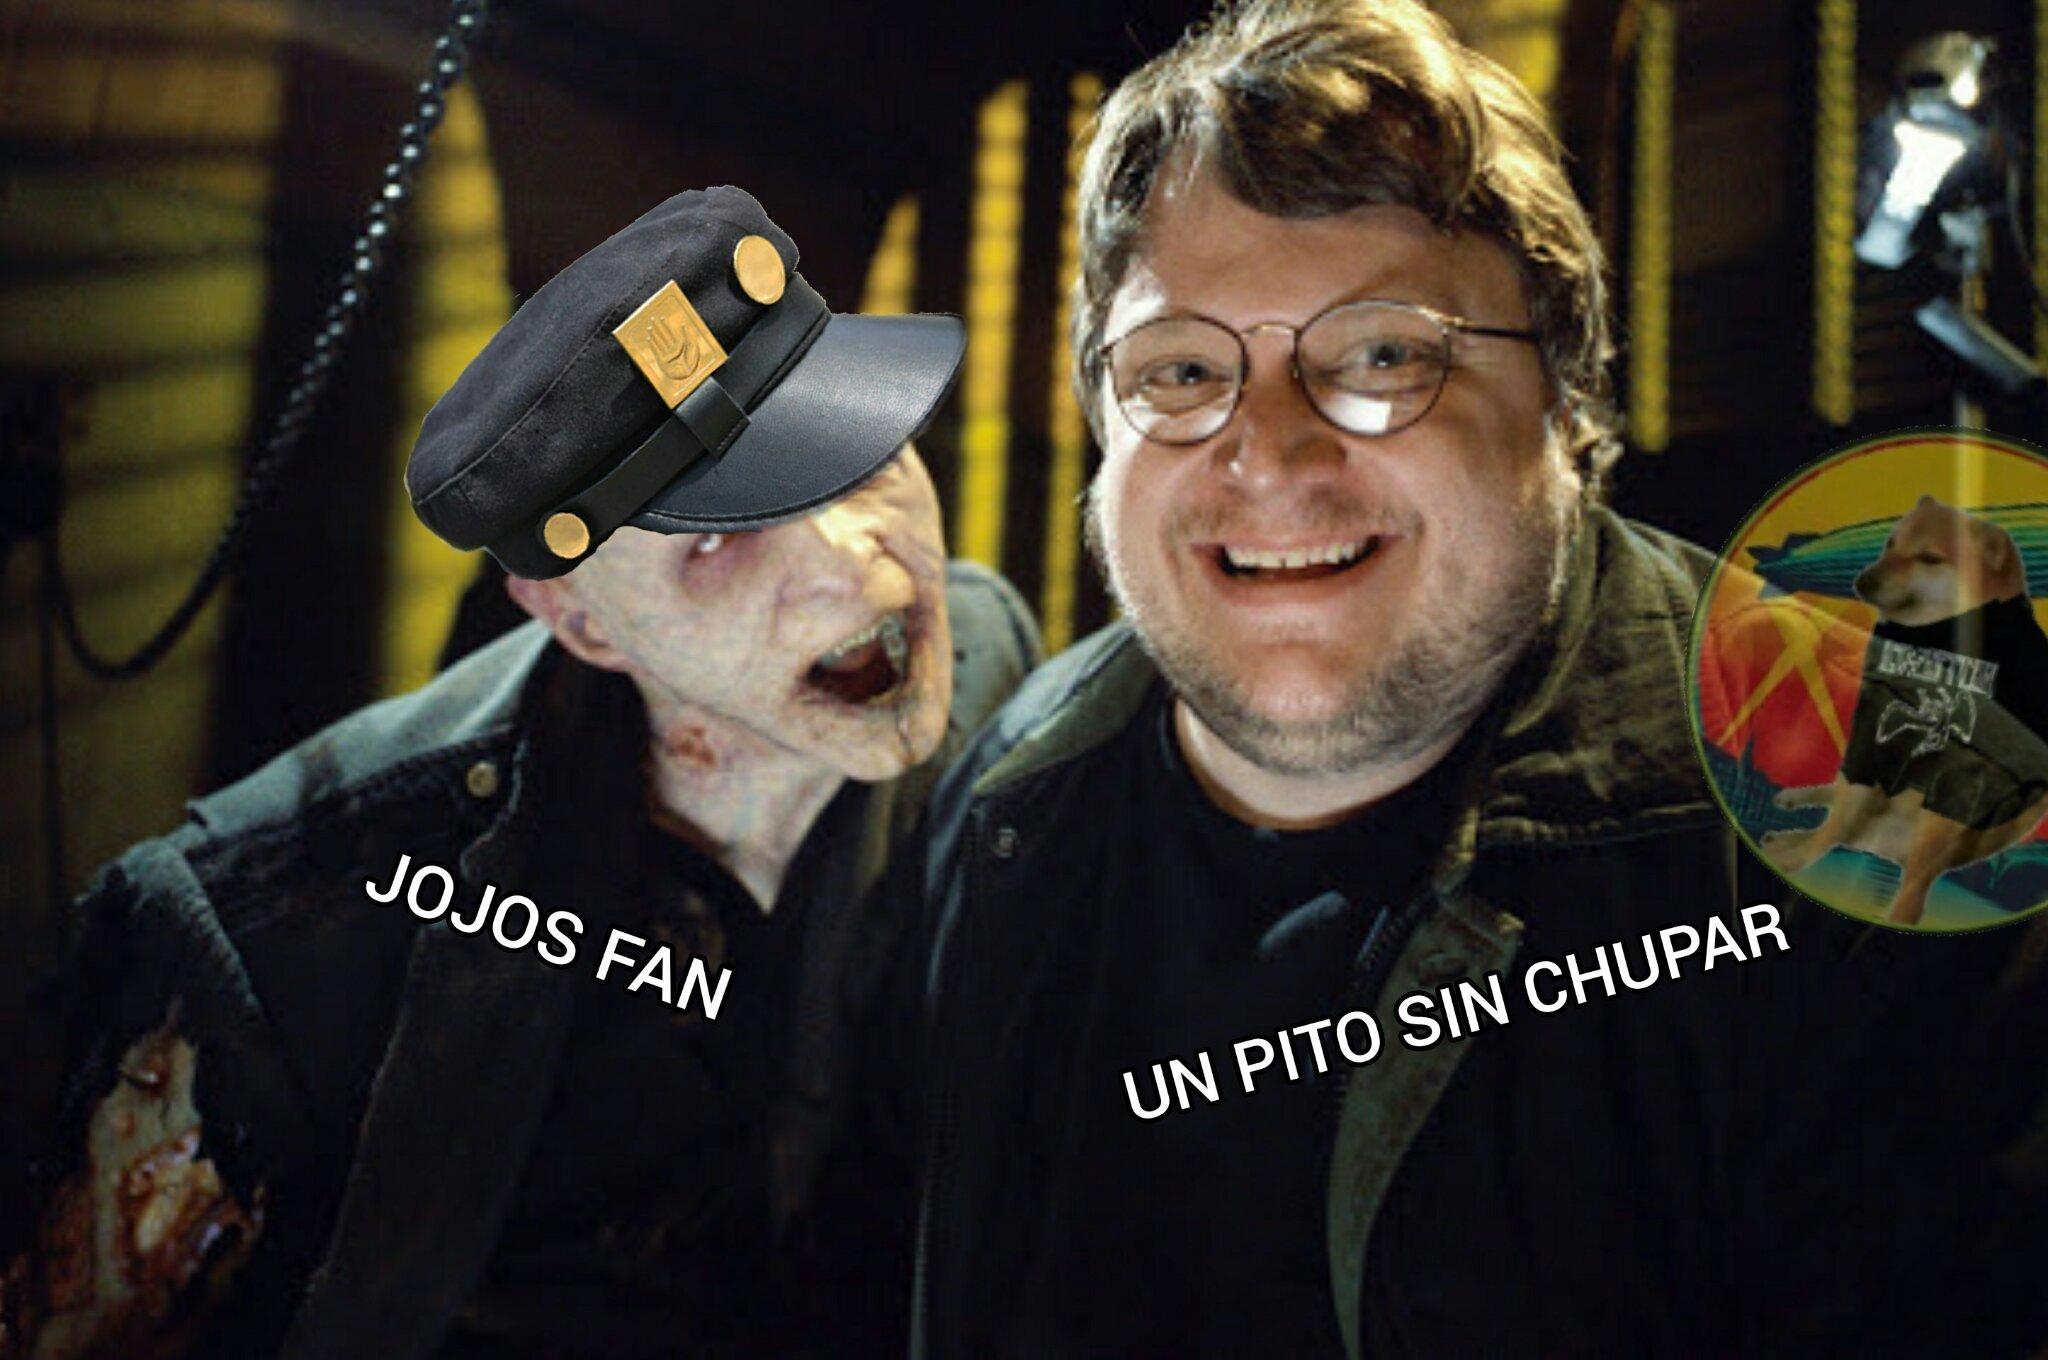 Estos jojofans - meme